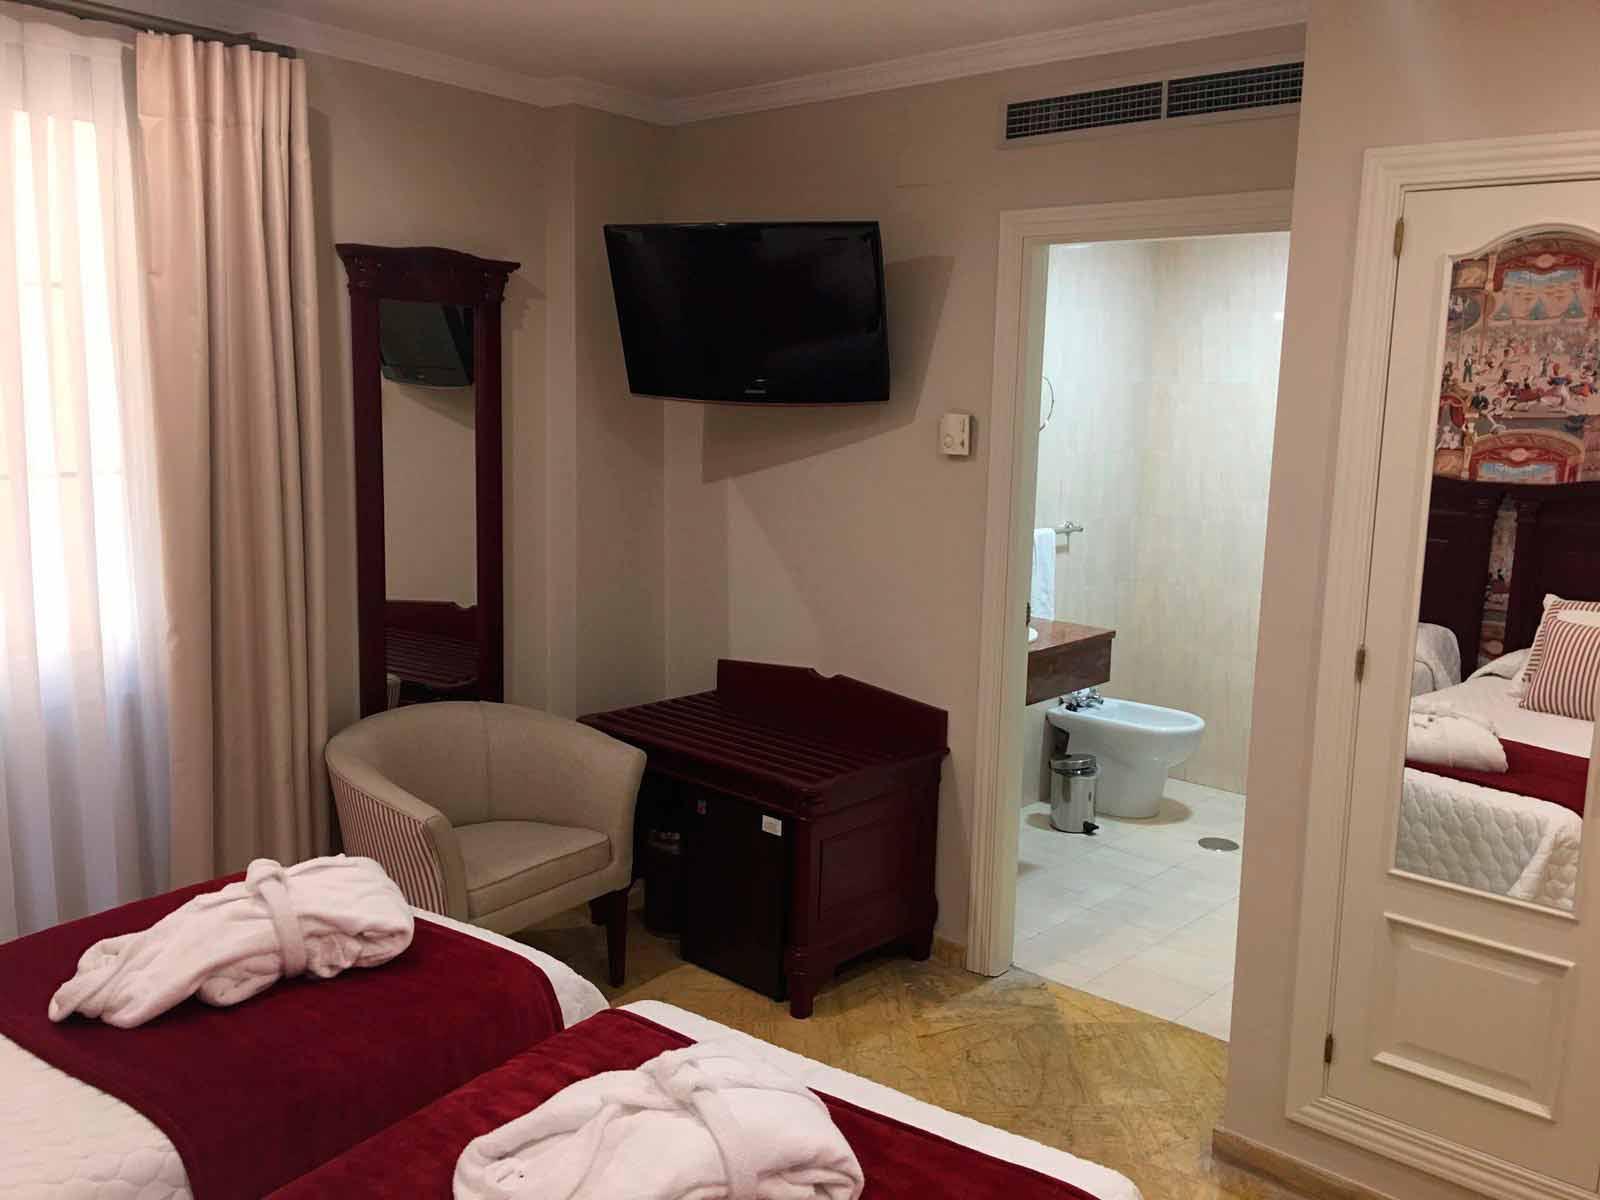 Reservar hotel en Sevilla